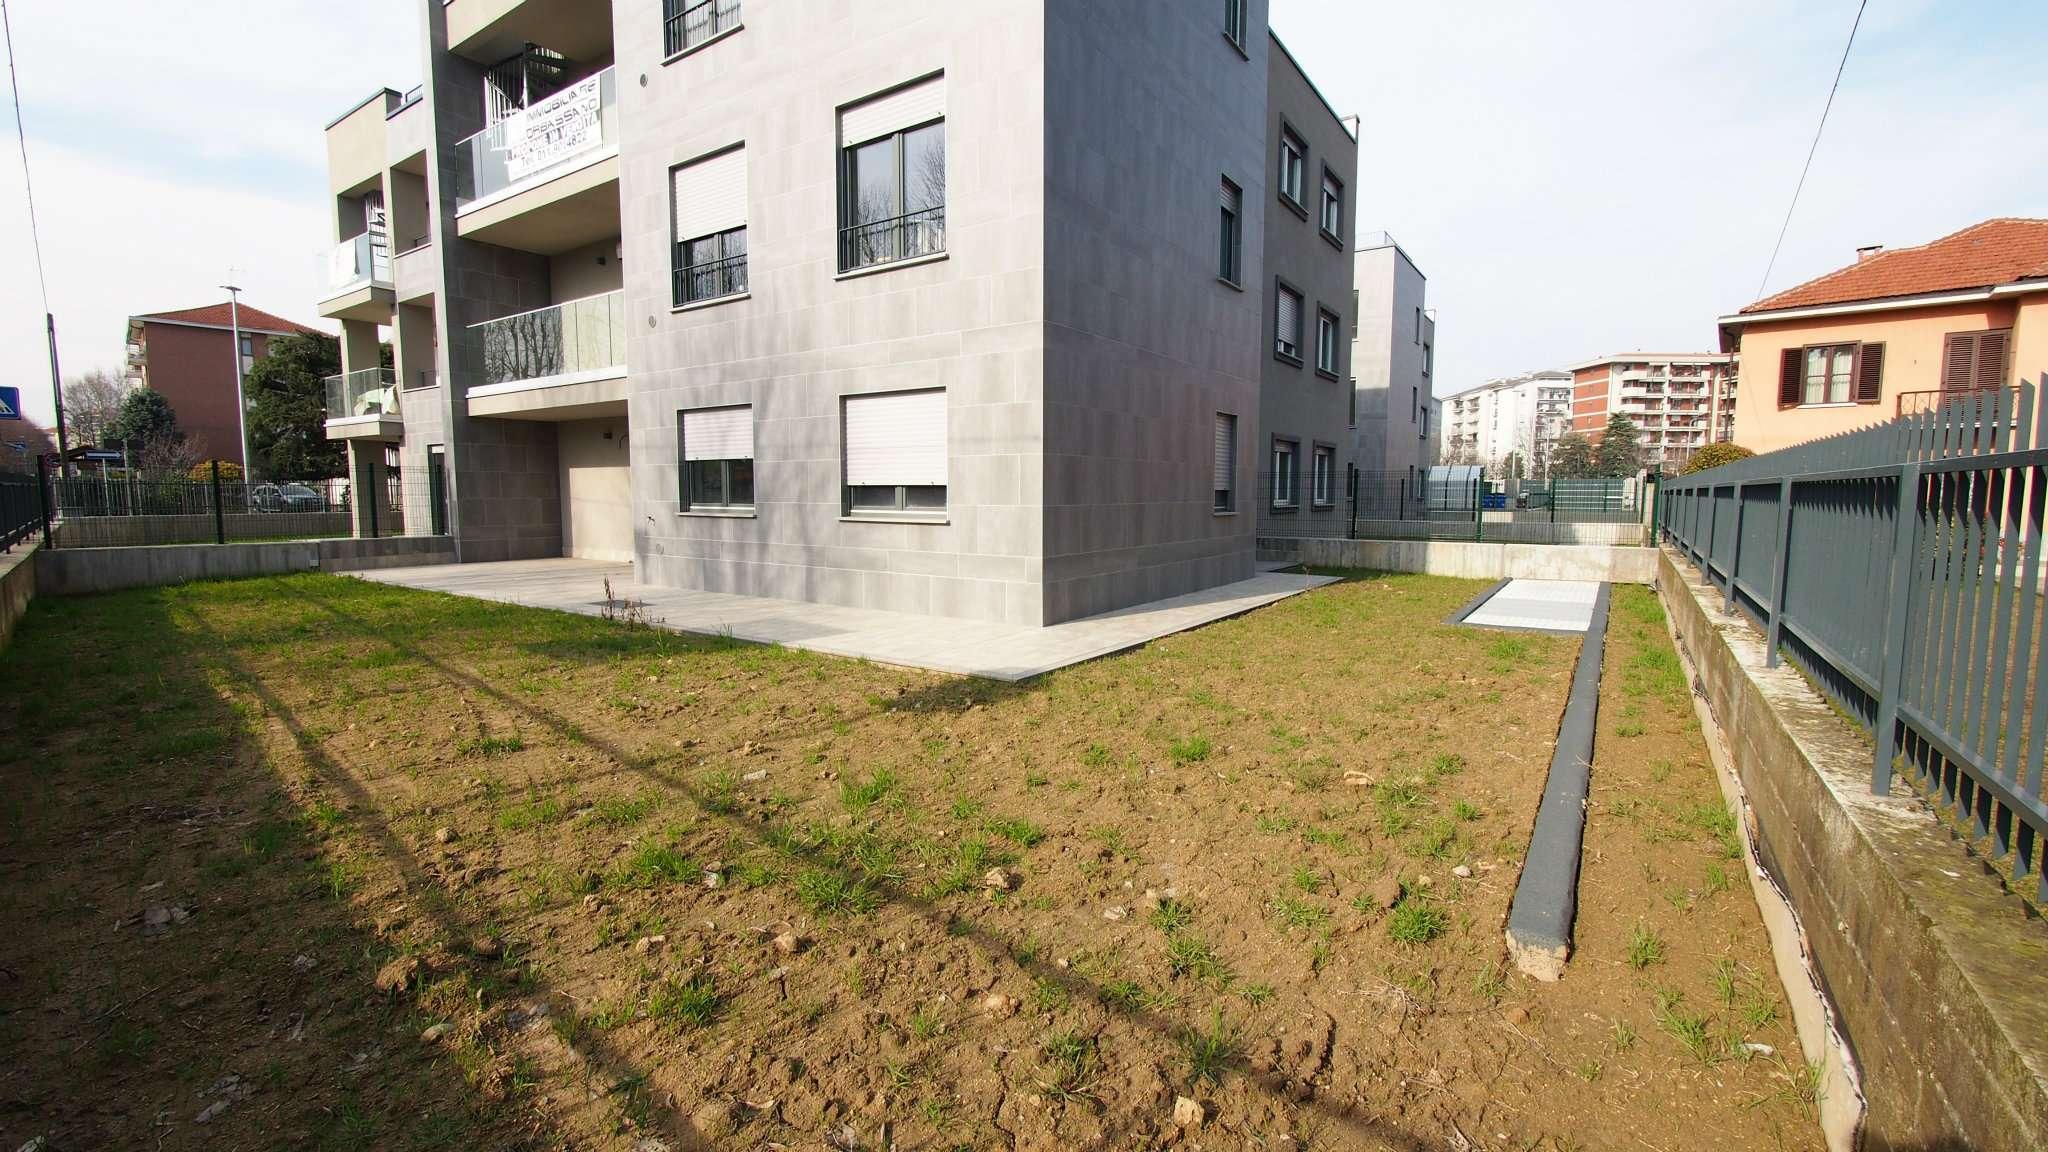 Ufficio Casa Orbassano : Ufficio in affitto in corso orbassano torino mq pcase